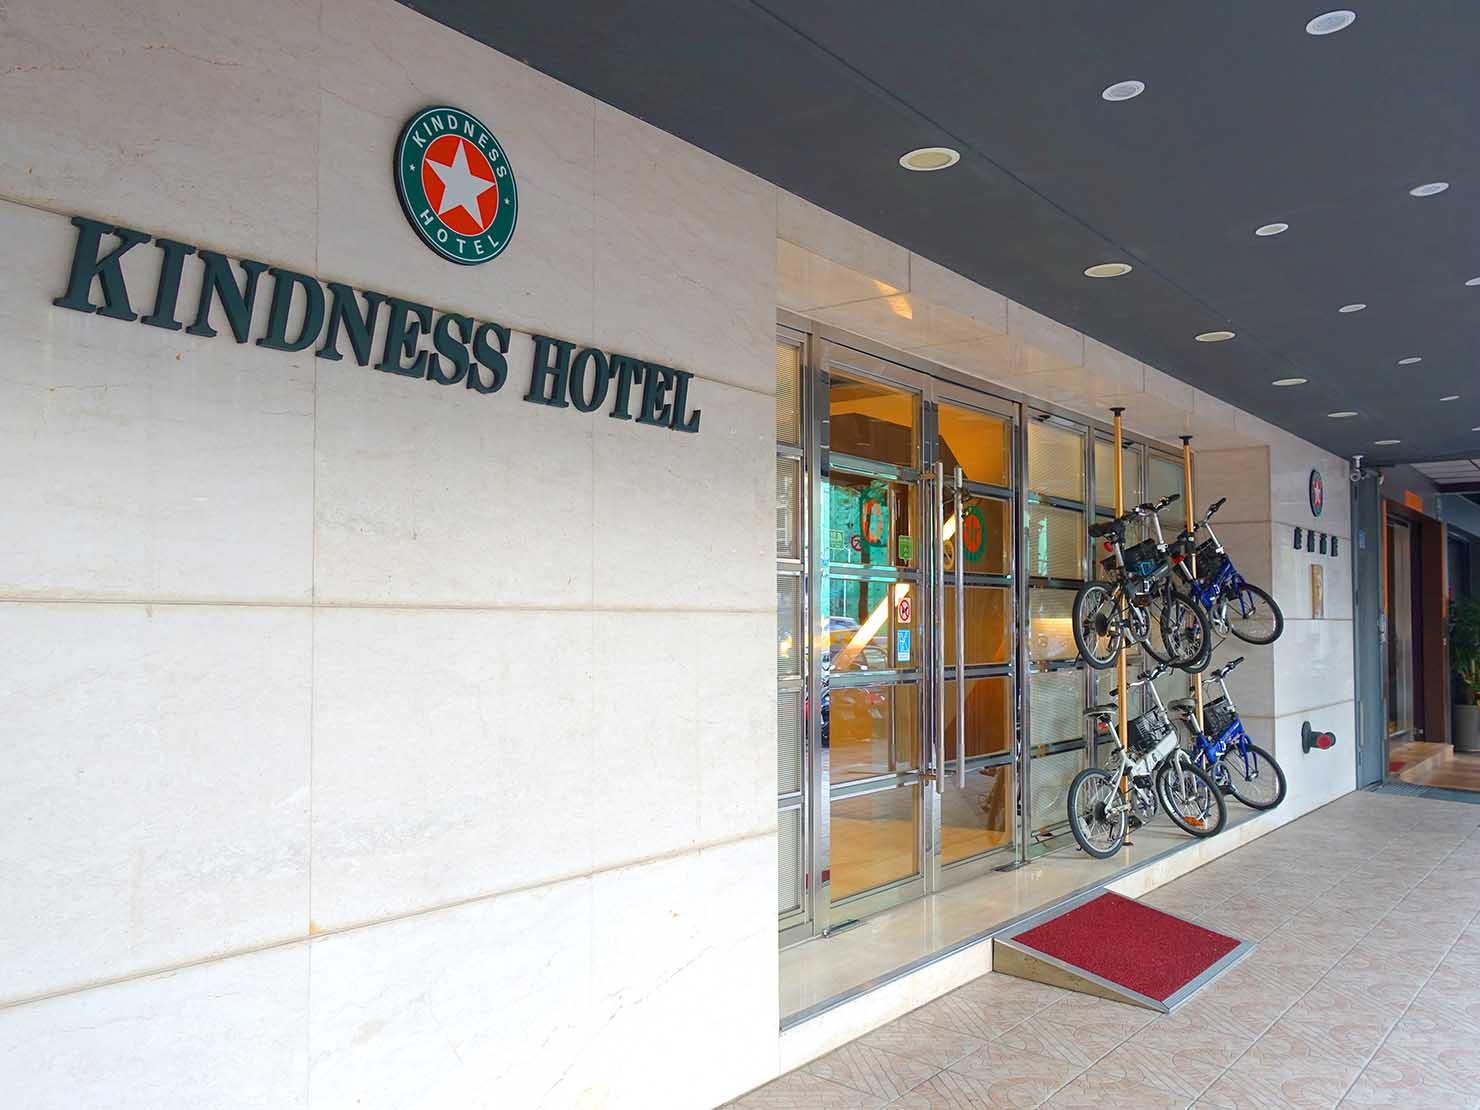 高雄のおすすめチェーンホテル「康橋商旅 Kindness Hotel(漢神館)」のエントランス